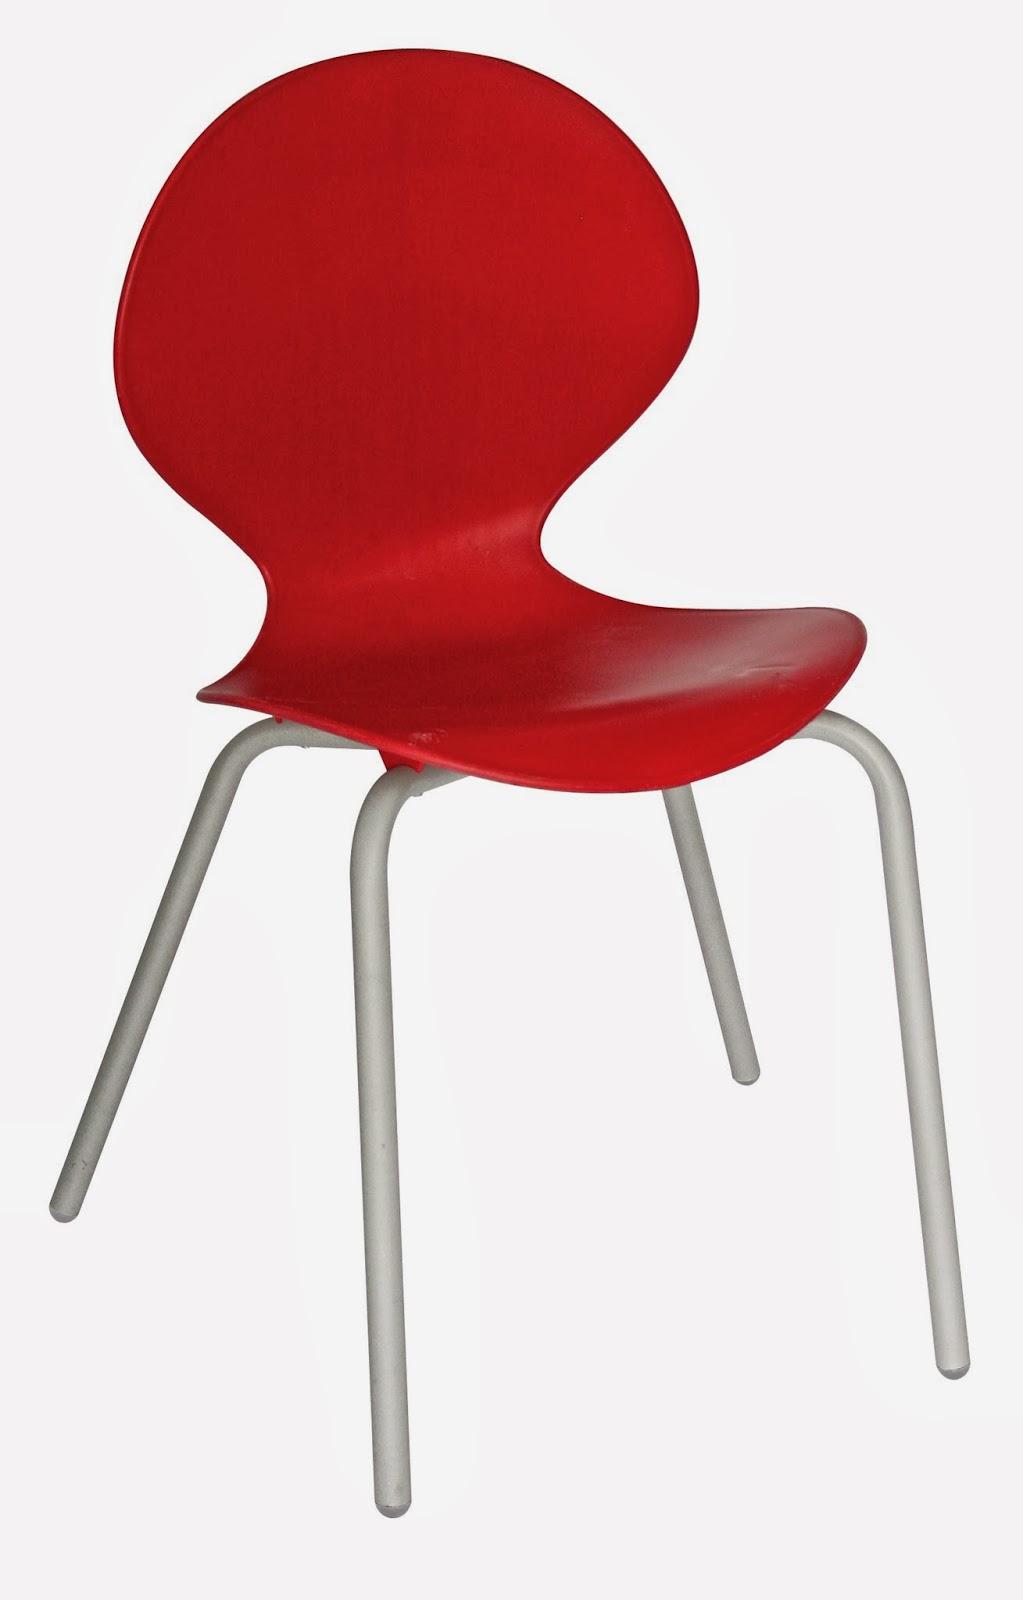 Venta de sillas para eventos y exposiciones en m xico df for Sillas para oficina df